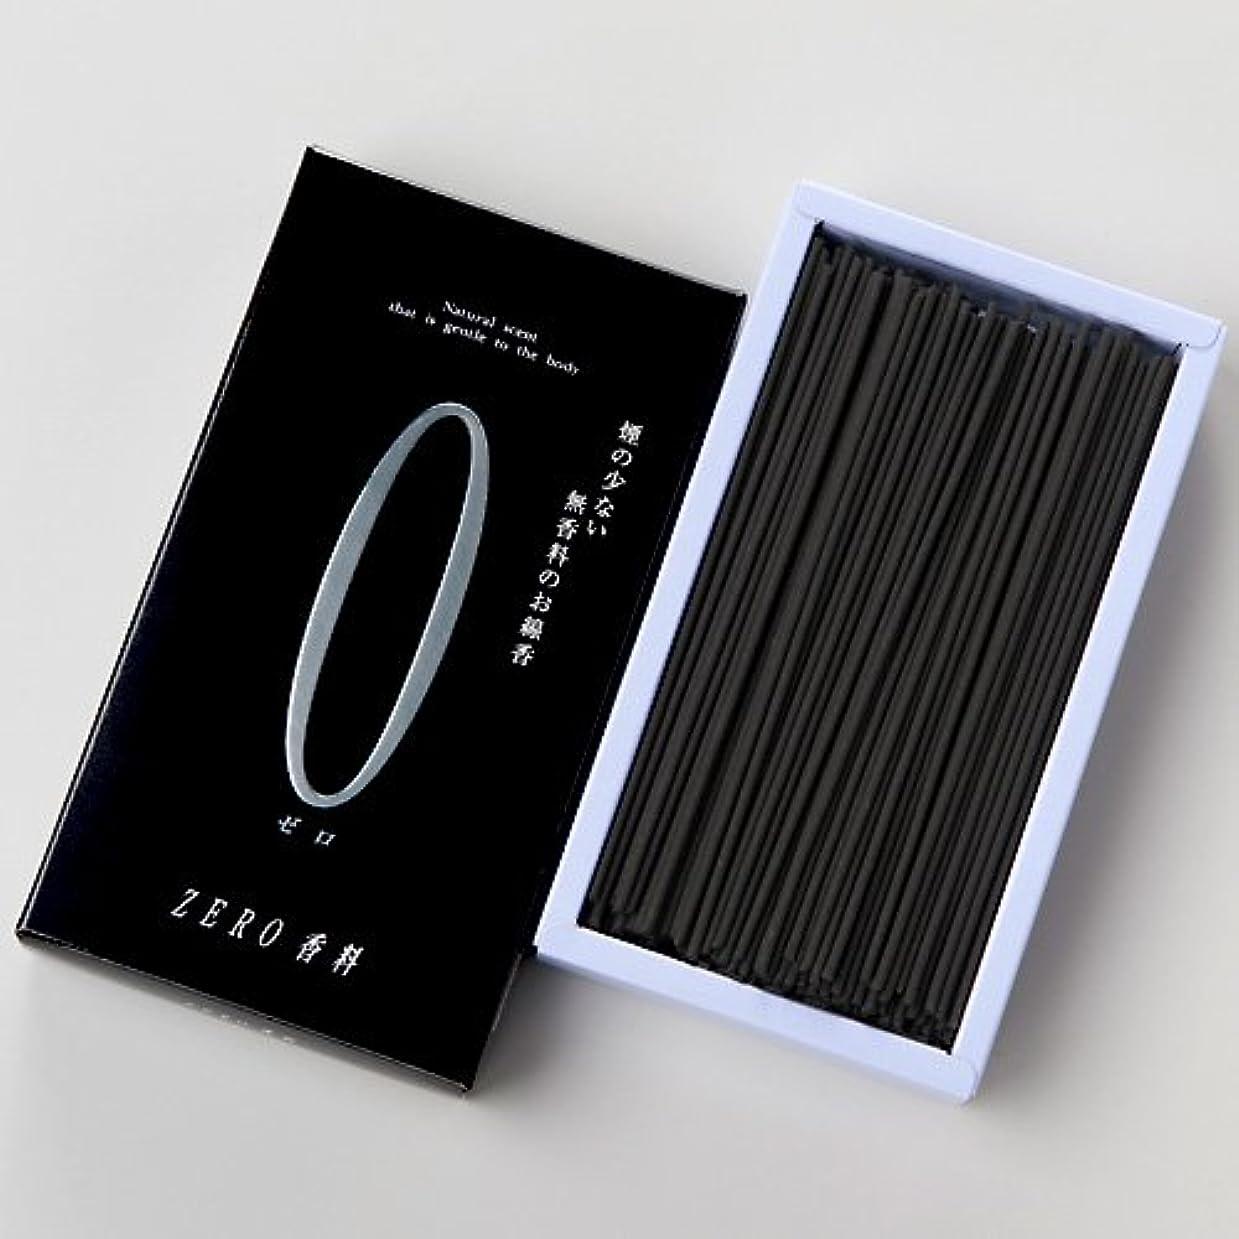 強い哺乳類ホラー極 ZERO 香料 130g 黒 奥野晴明堂